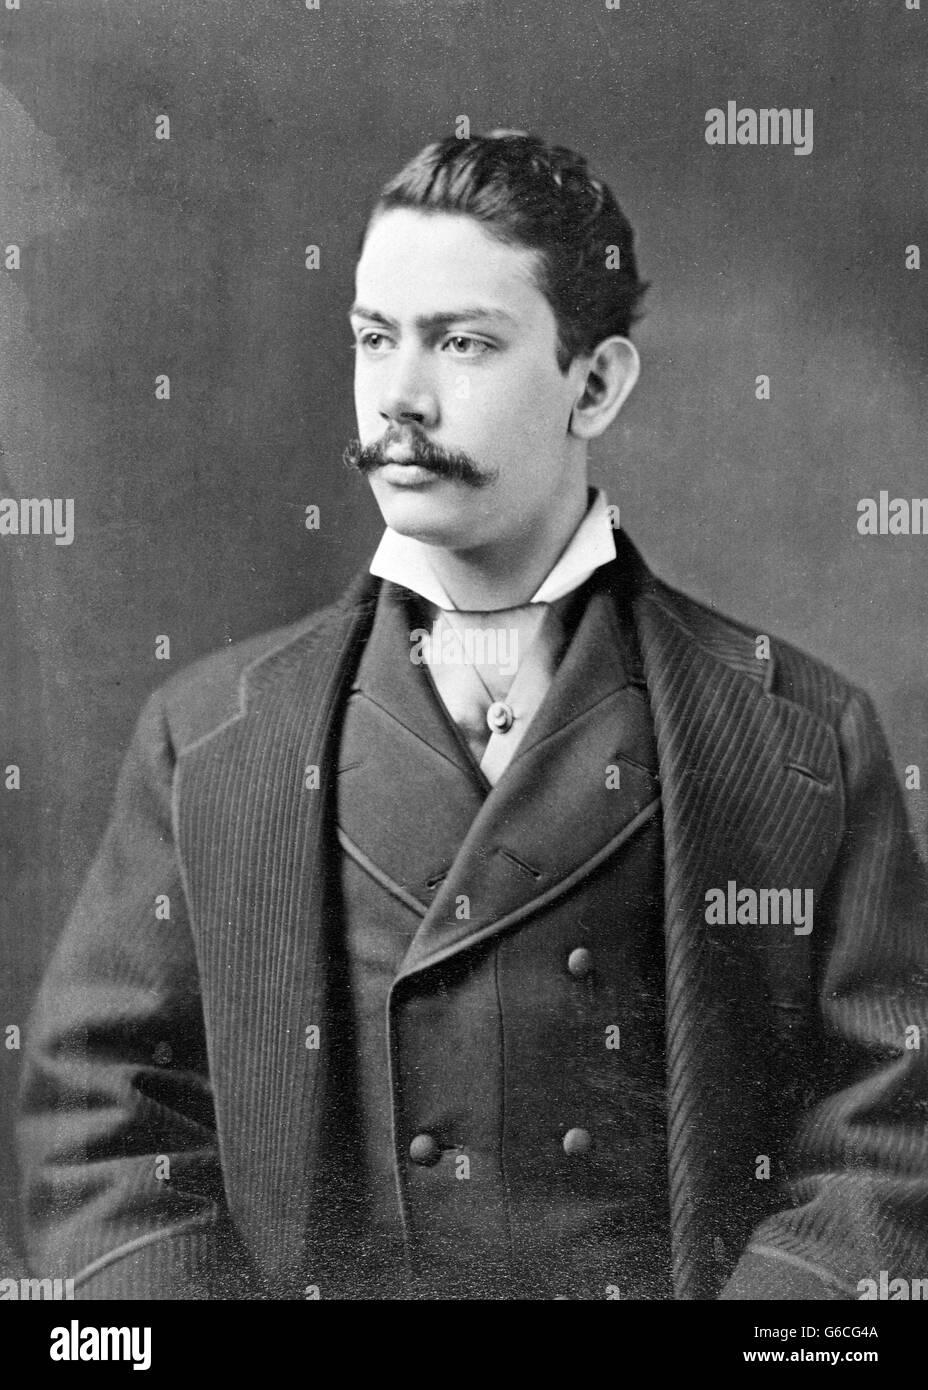 1890 VUELTA DEL 20o siglo retrato hombre vestido con traje DE TRES PIEZAS Y COLLAR DE ALA CRAVAT Imagen De Stock